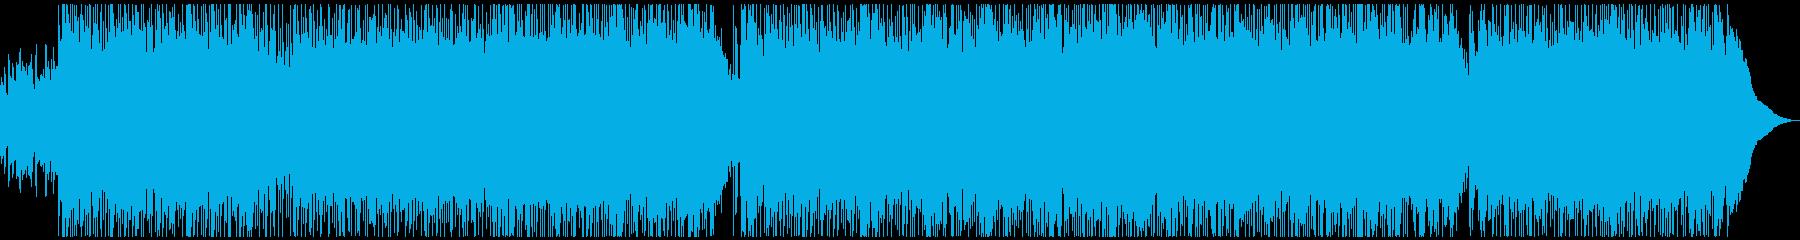 ロック、エモーショナル、エネルギッシュの再生済みの波形